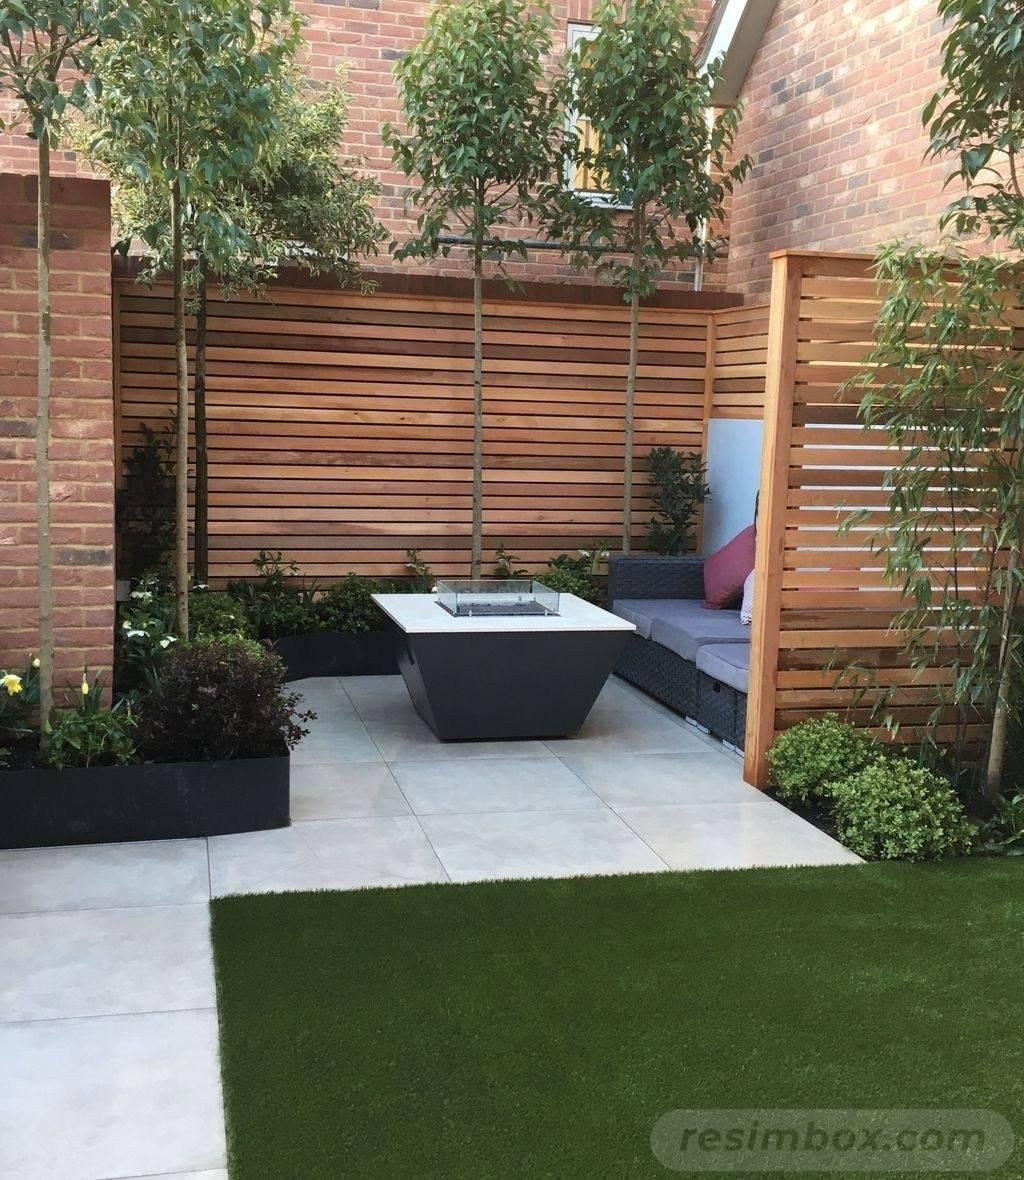 creative garden ideas-763500943060406148